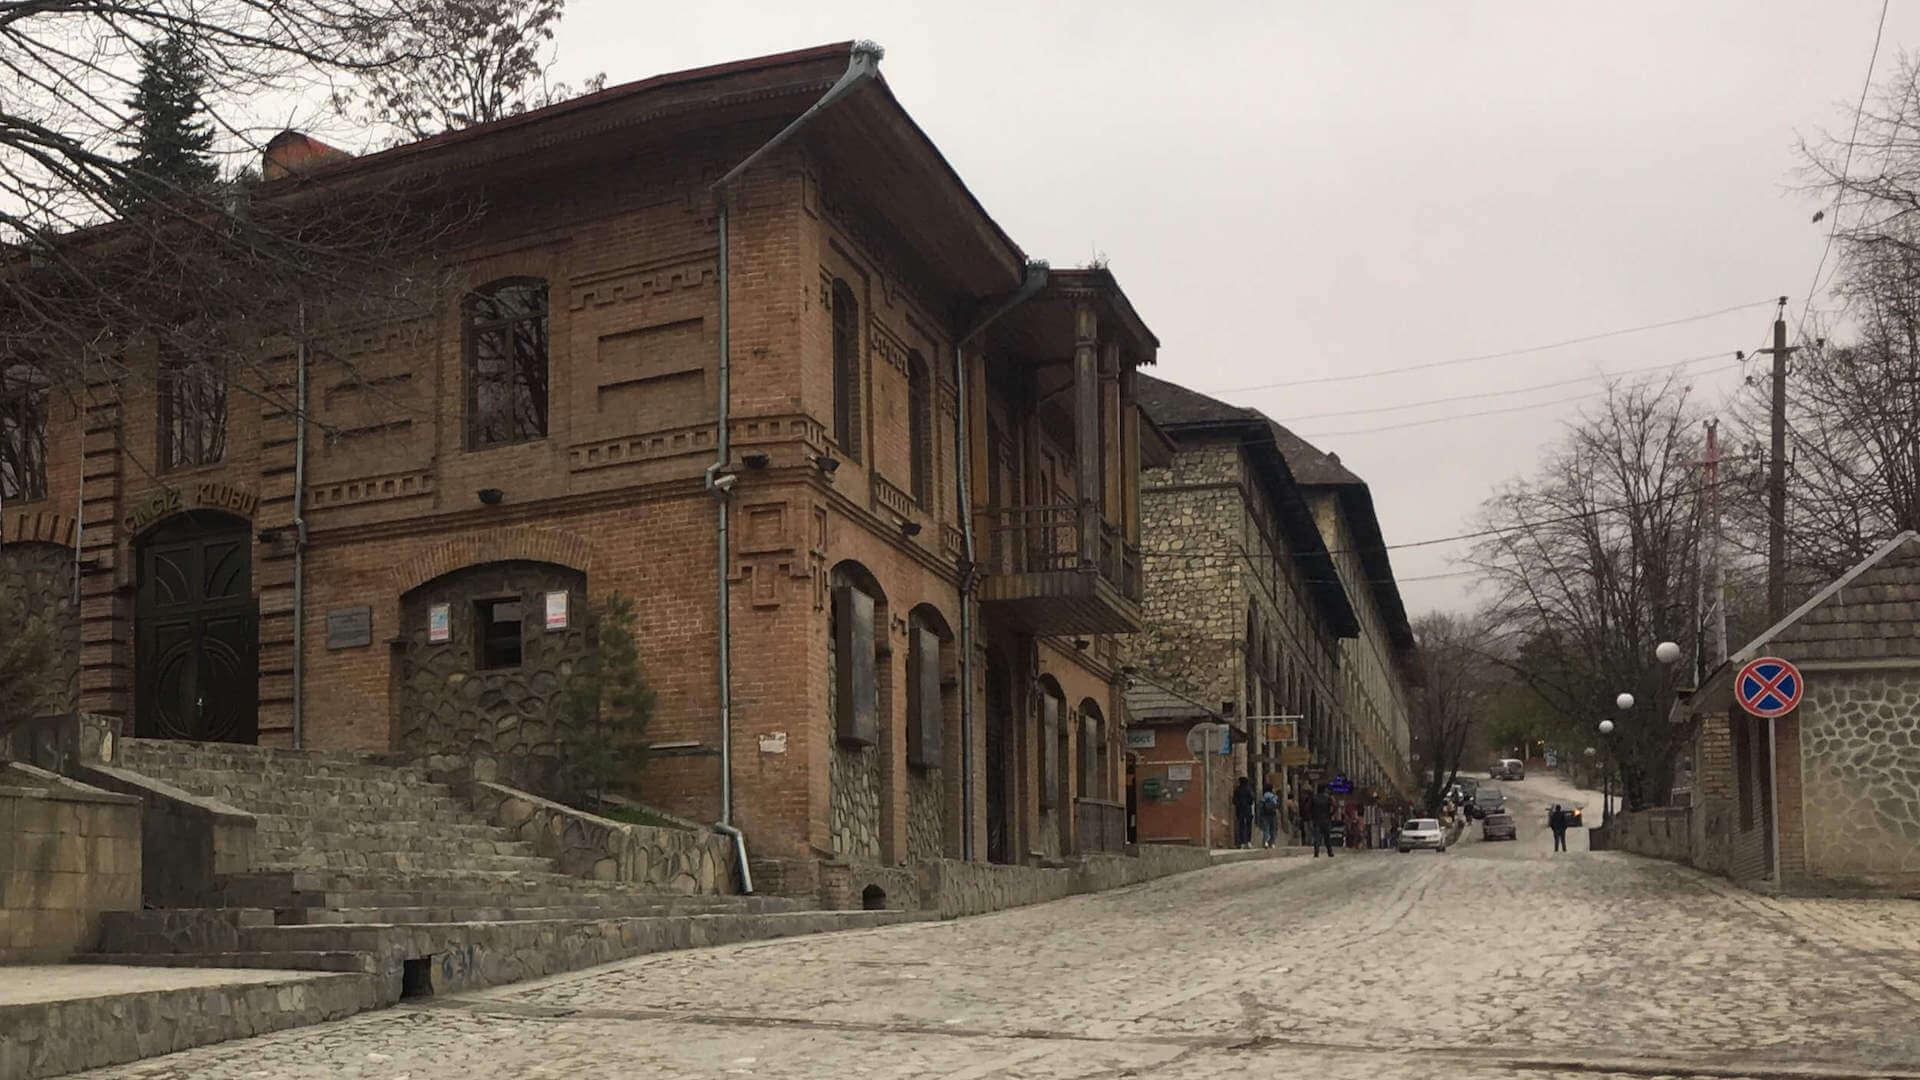 Oude straat in Sheki, Azerbeidzjan